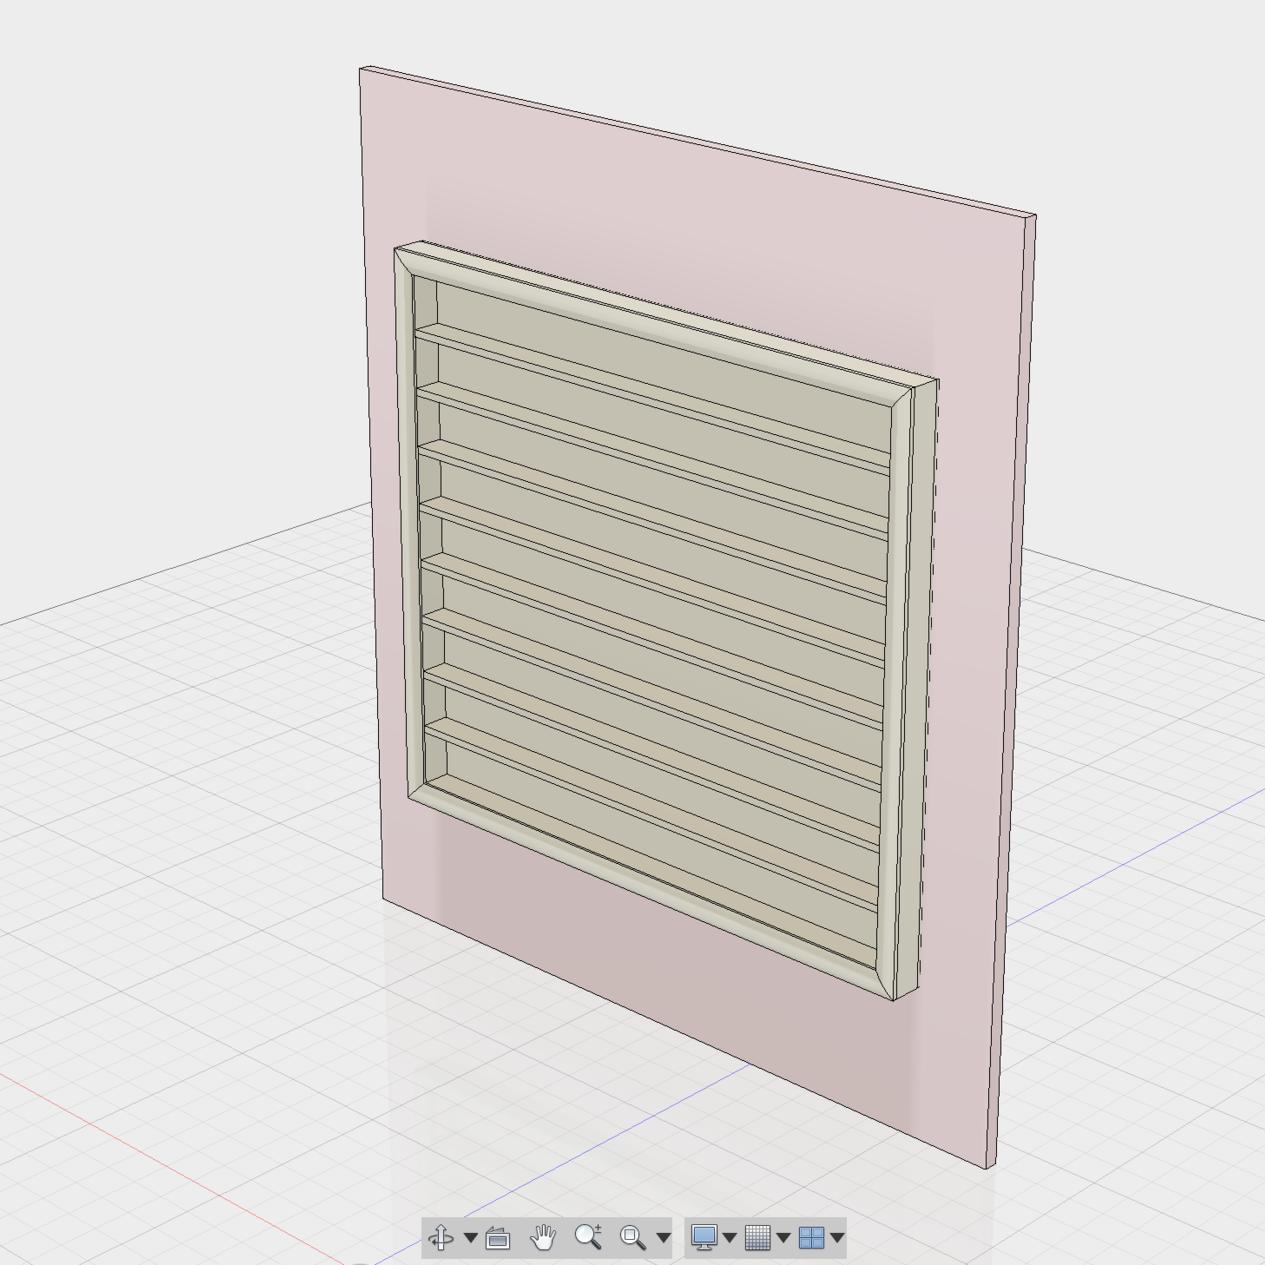 Card Holder Design Concept